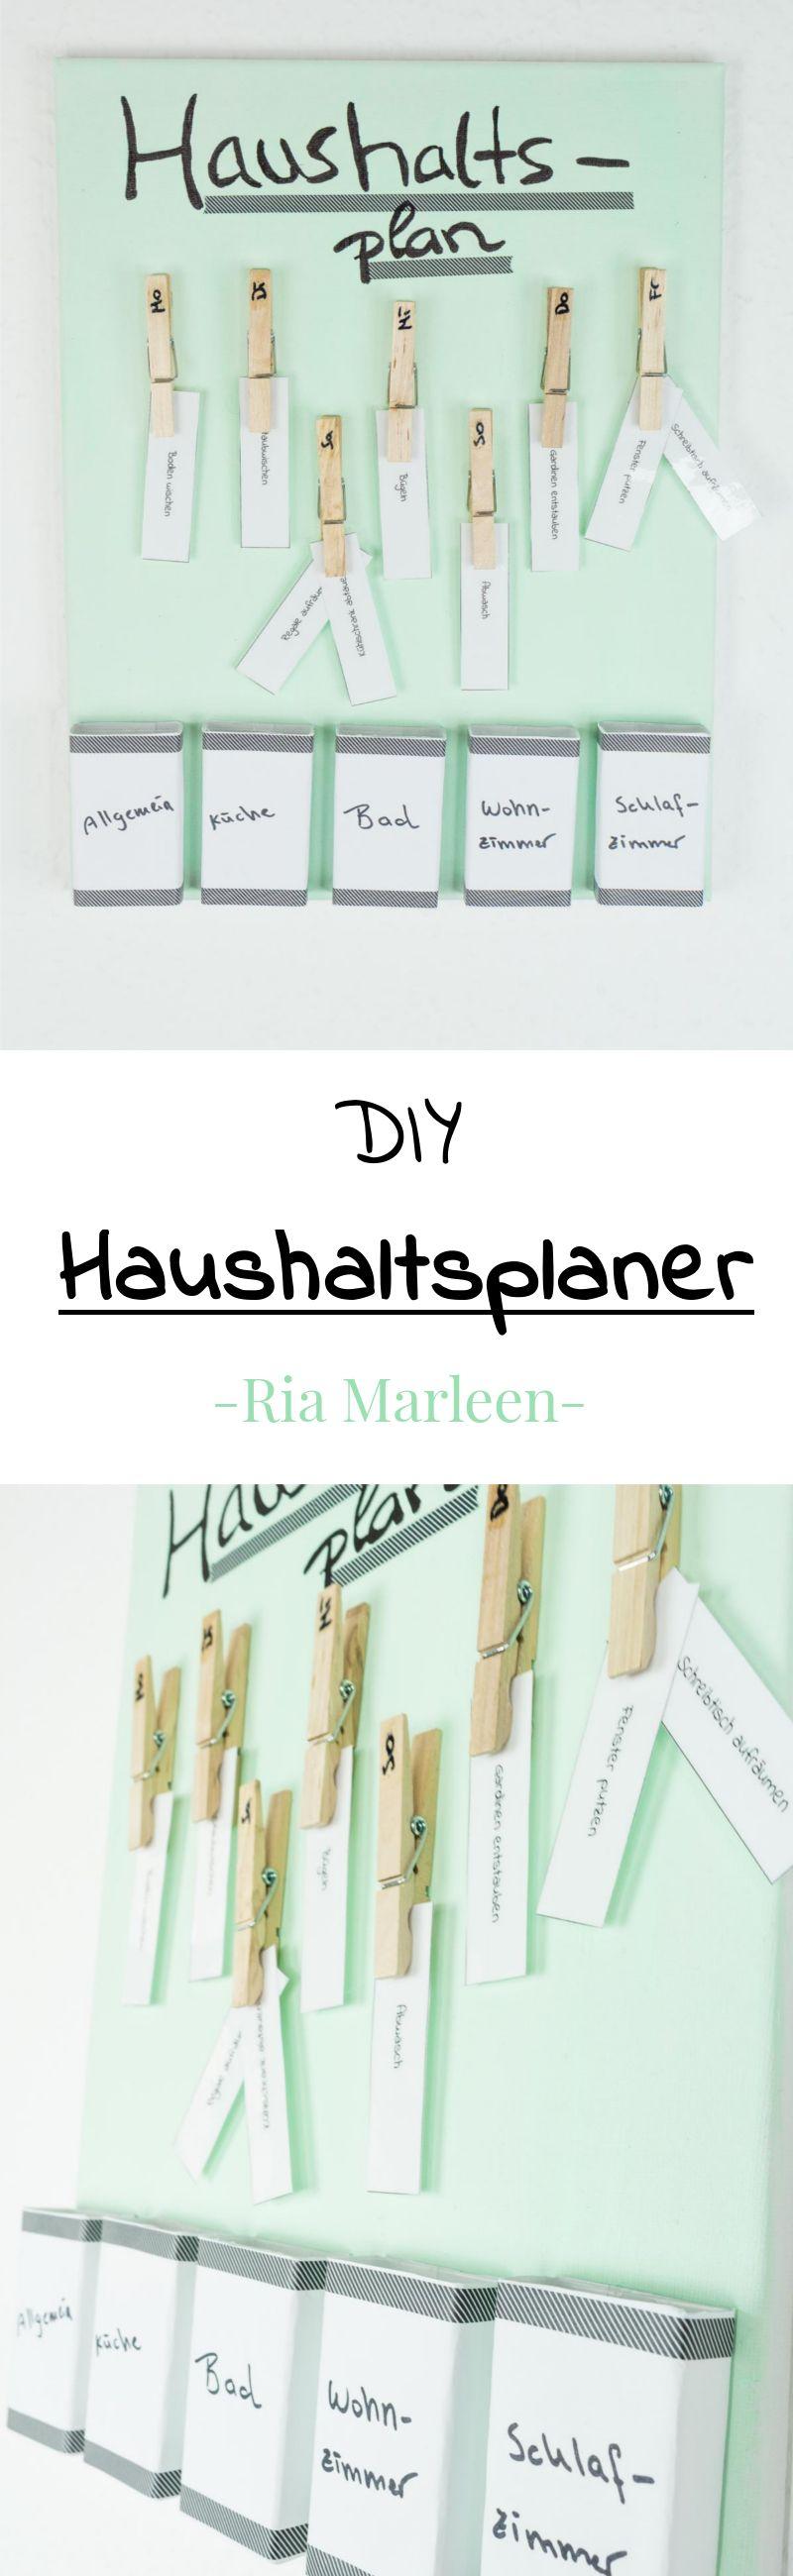 diy haushaltsplaner selber machen einfache haushaltsorganisation haushalt organisieren. Black Bedroom Furniture Sets. Home Design Ideas